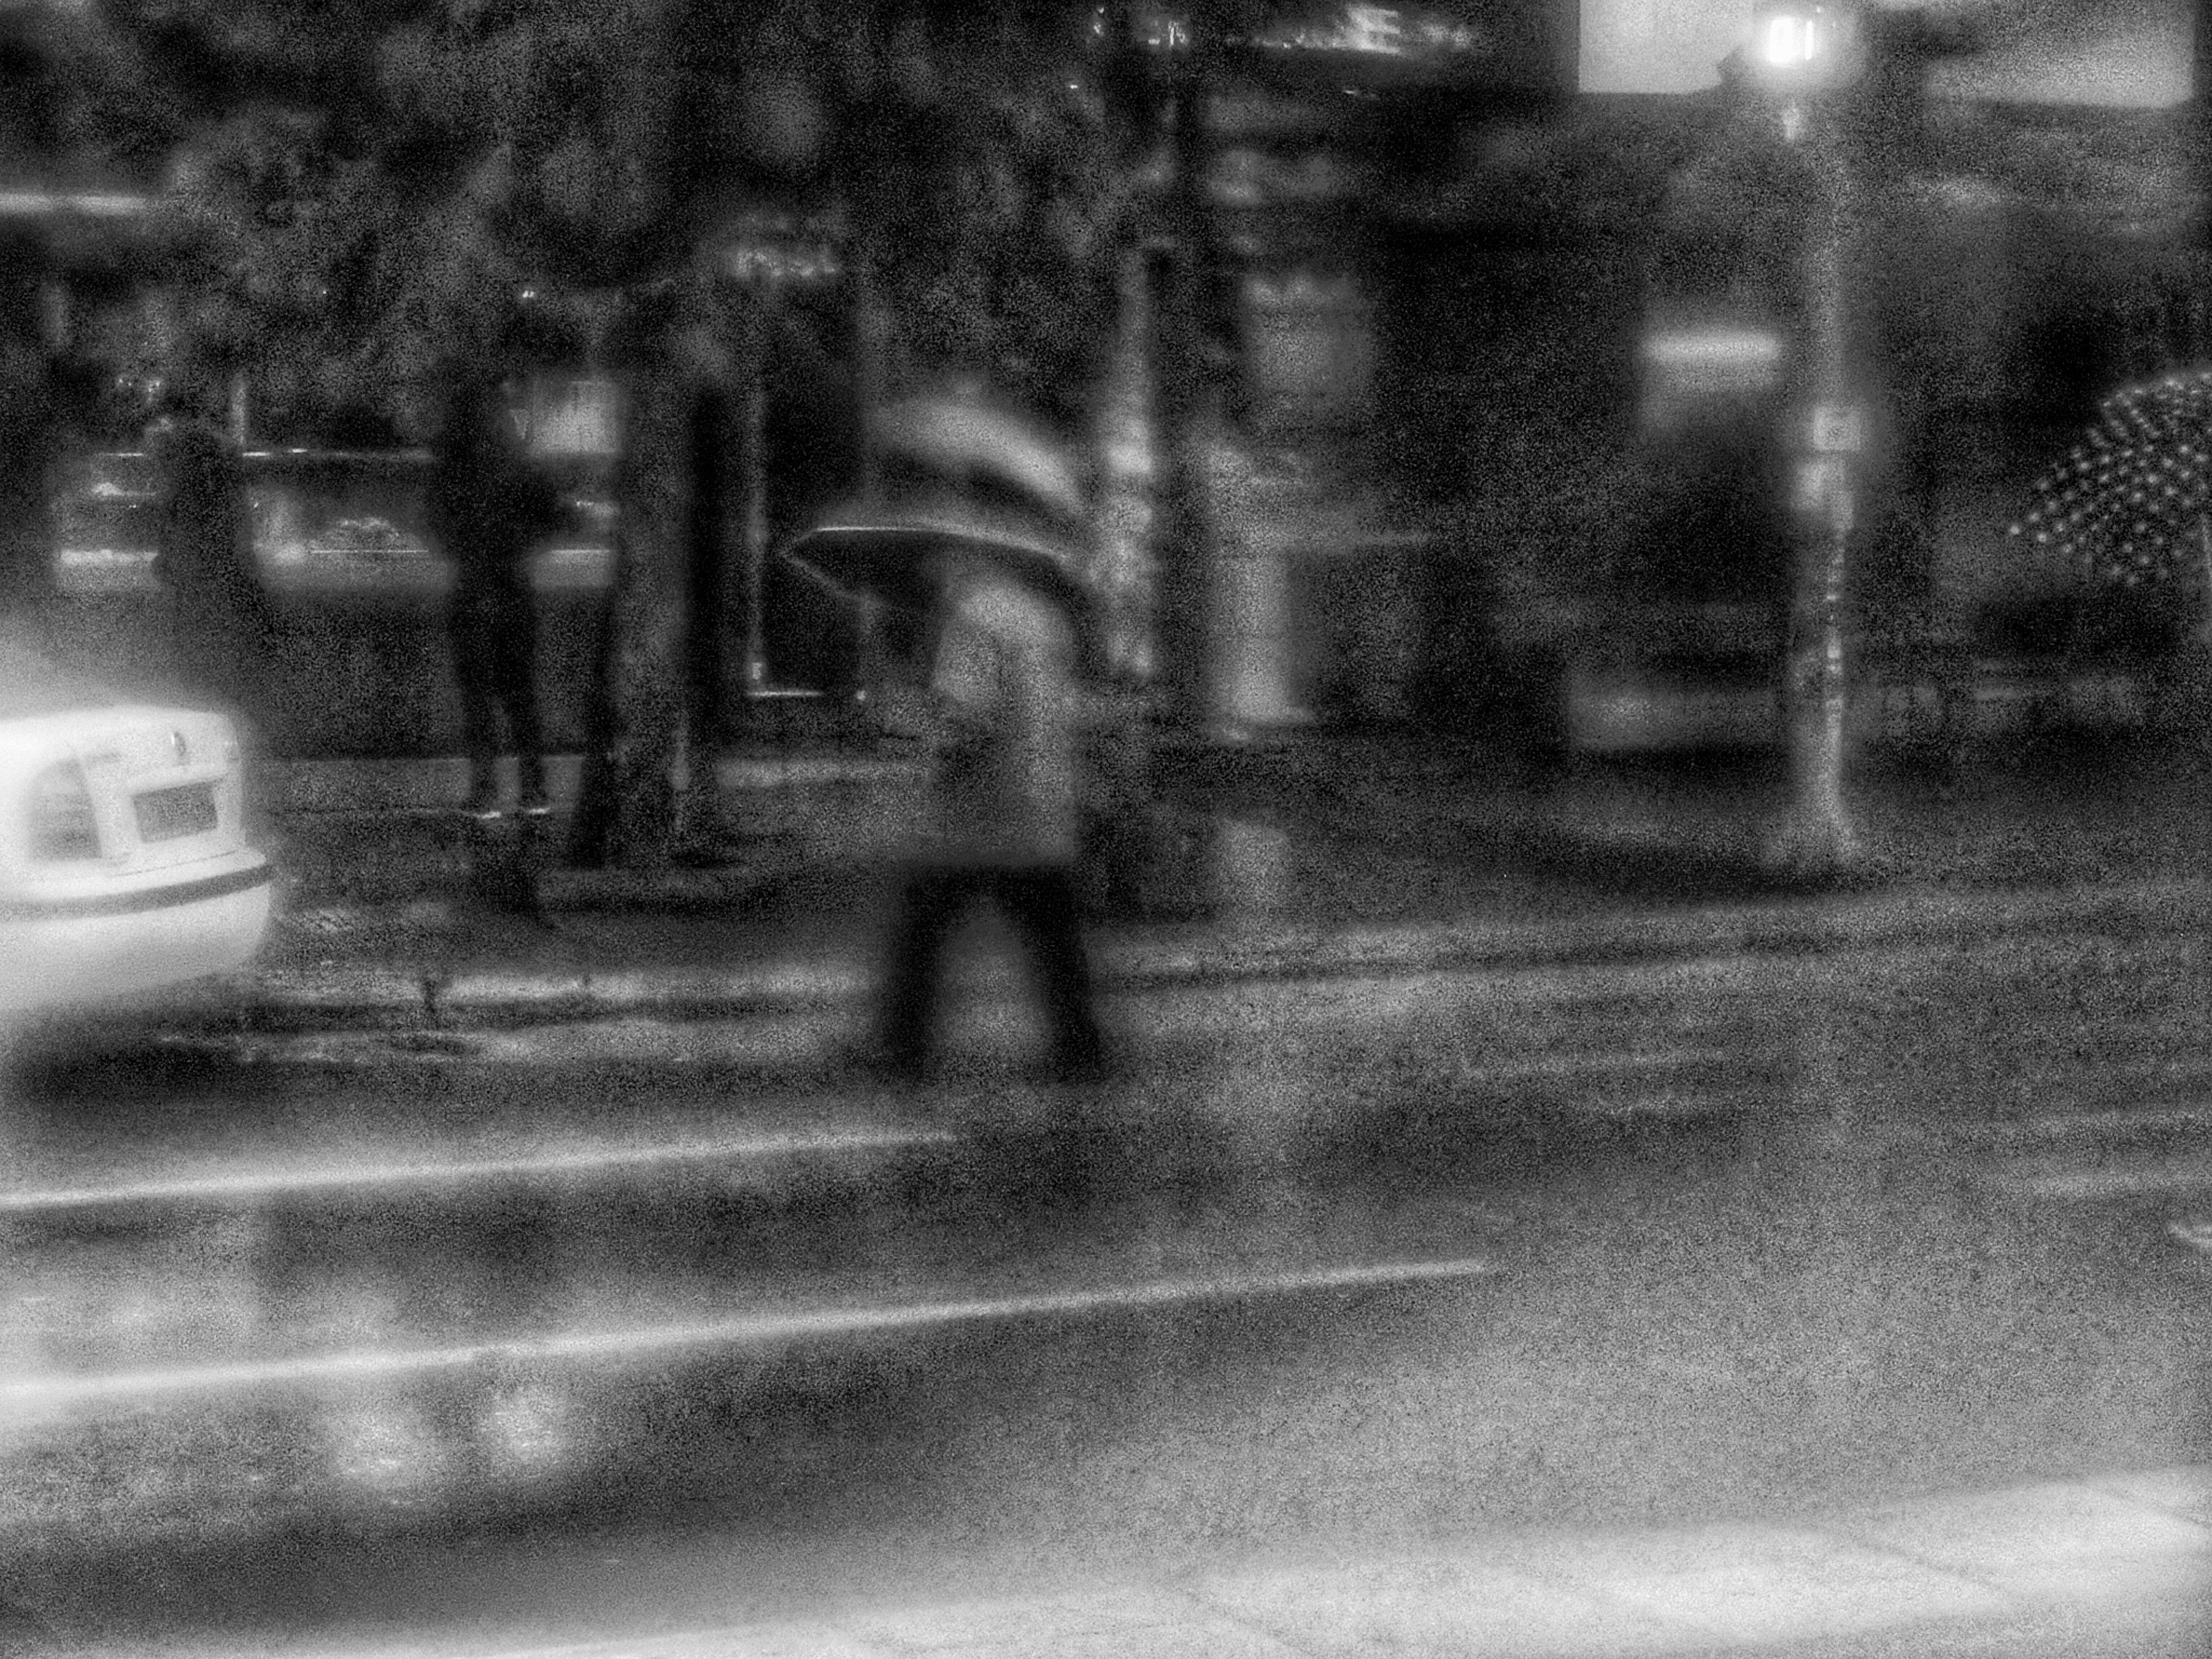 Σκόνη από τη Λιβύη και βροχές έφερε ο «Φοίβος» - Ο καιρός του